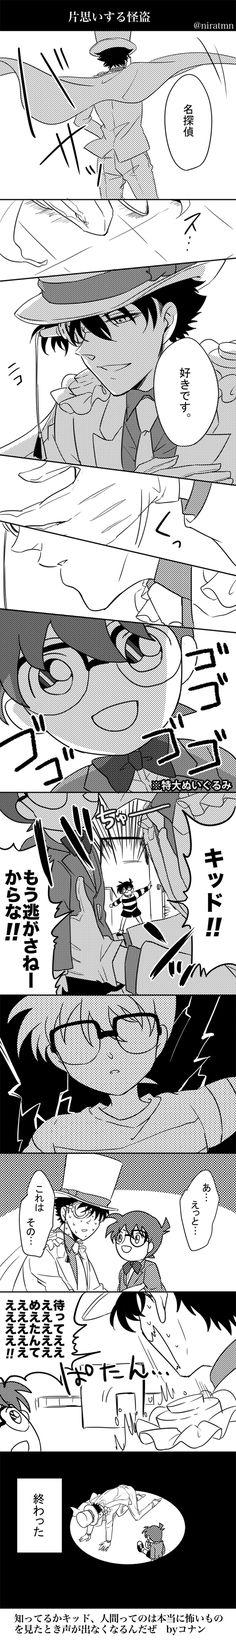 「【腐】名探偵ログ9」/「にらたま」の漫画 [pixiv]